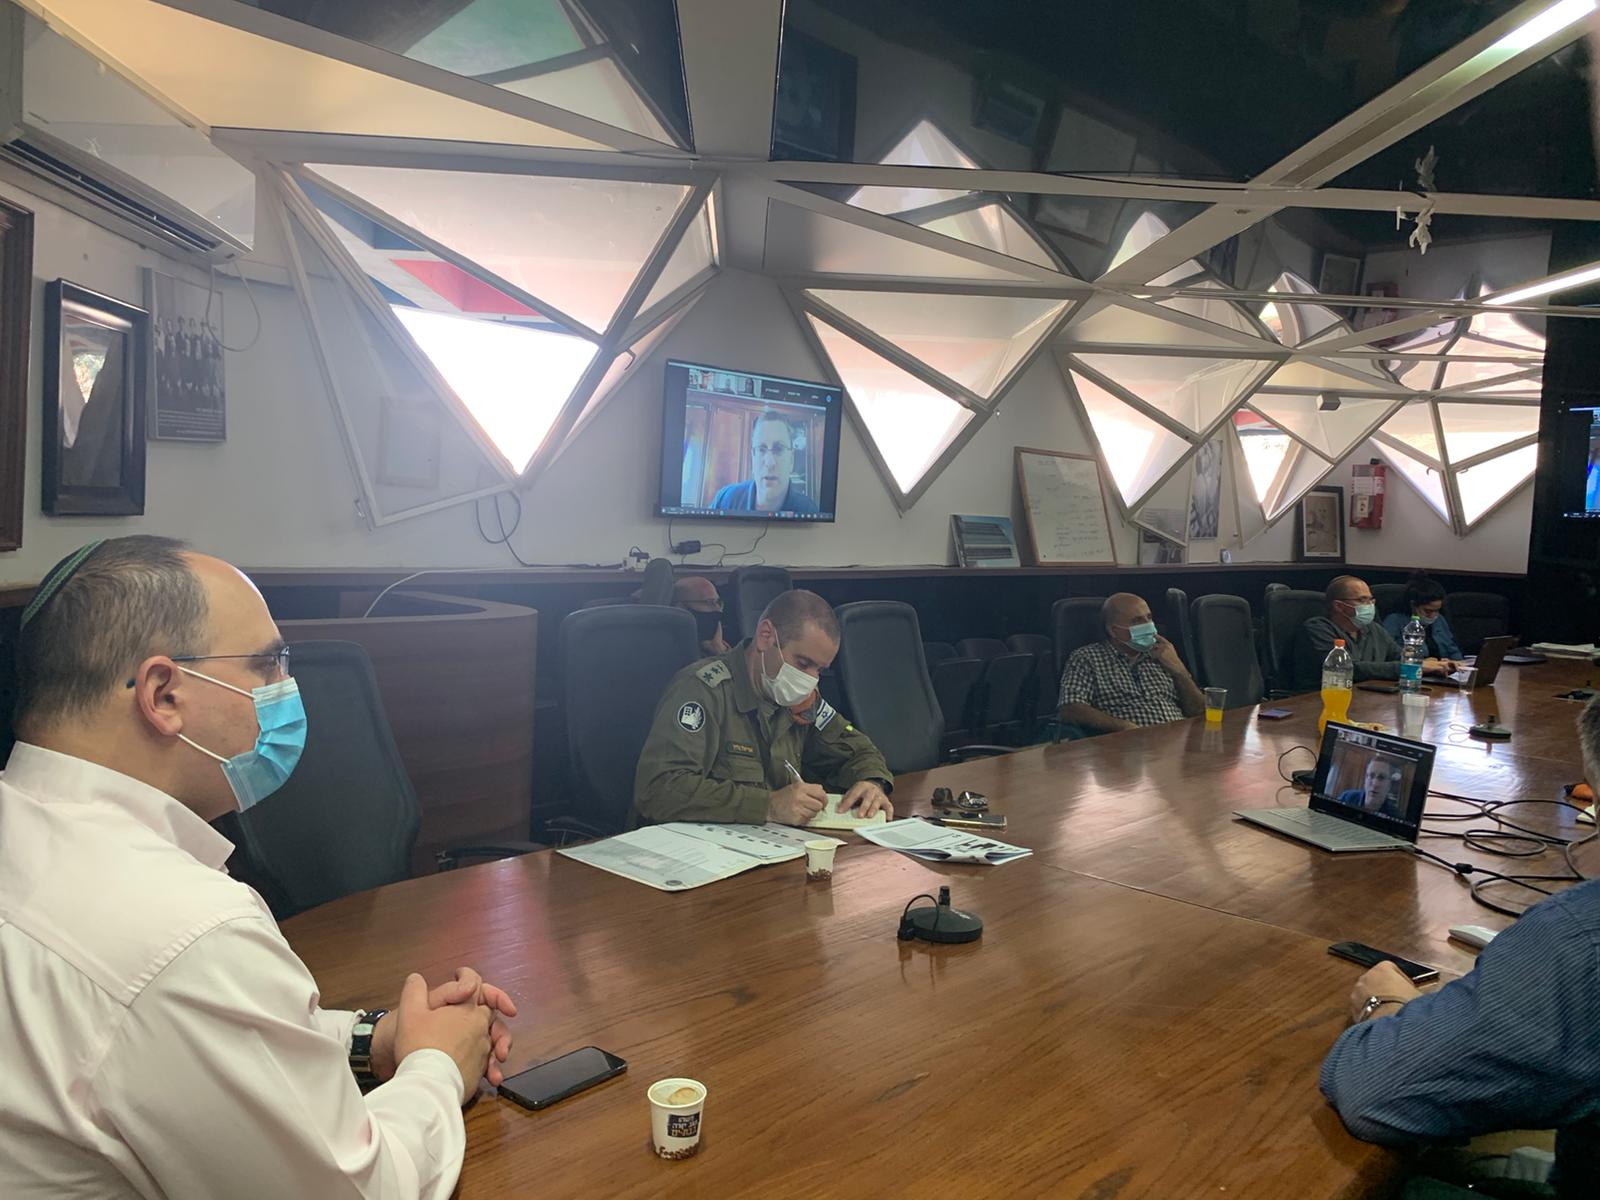 עיריית בת ים1 פיקוד העורף אלמ אריאל בליץ צביקה ברוט צילום דובר צהל